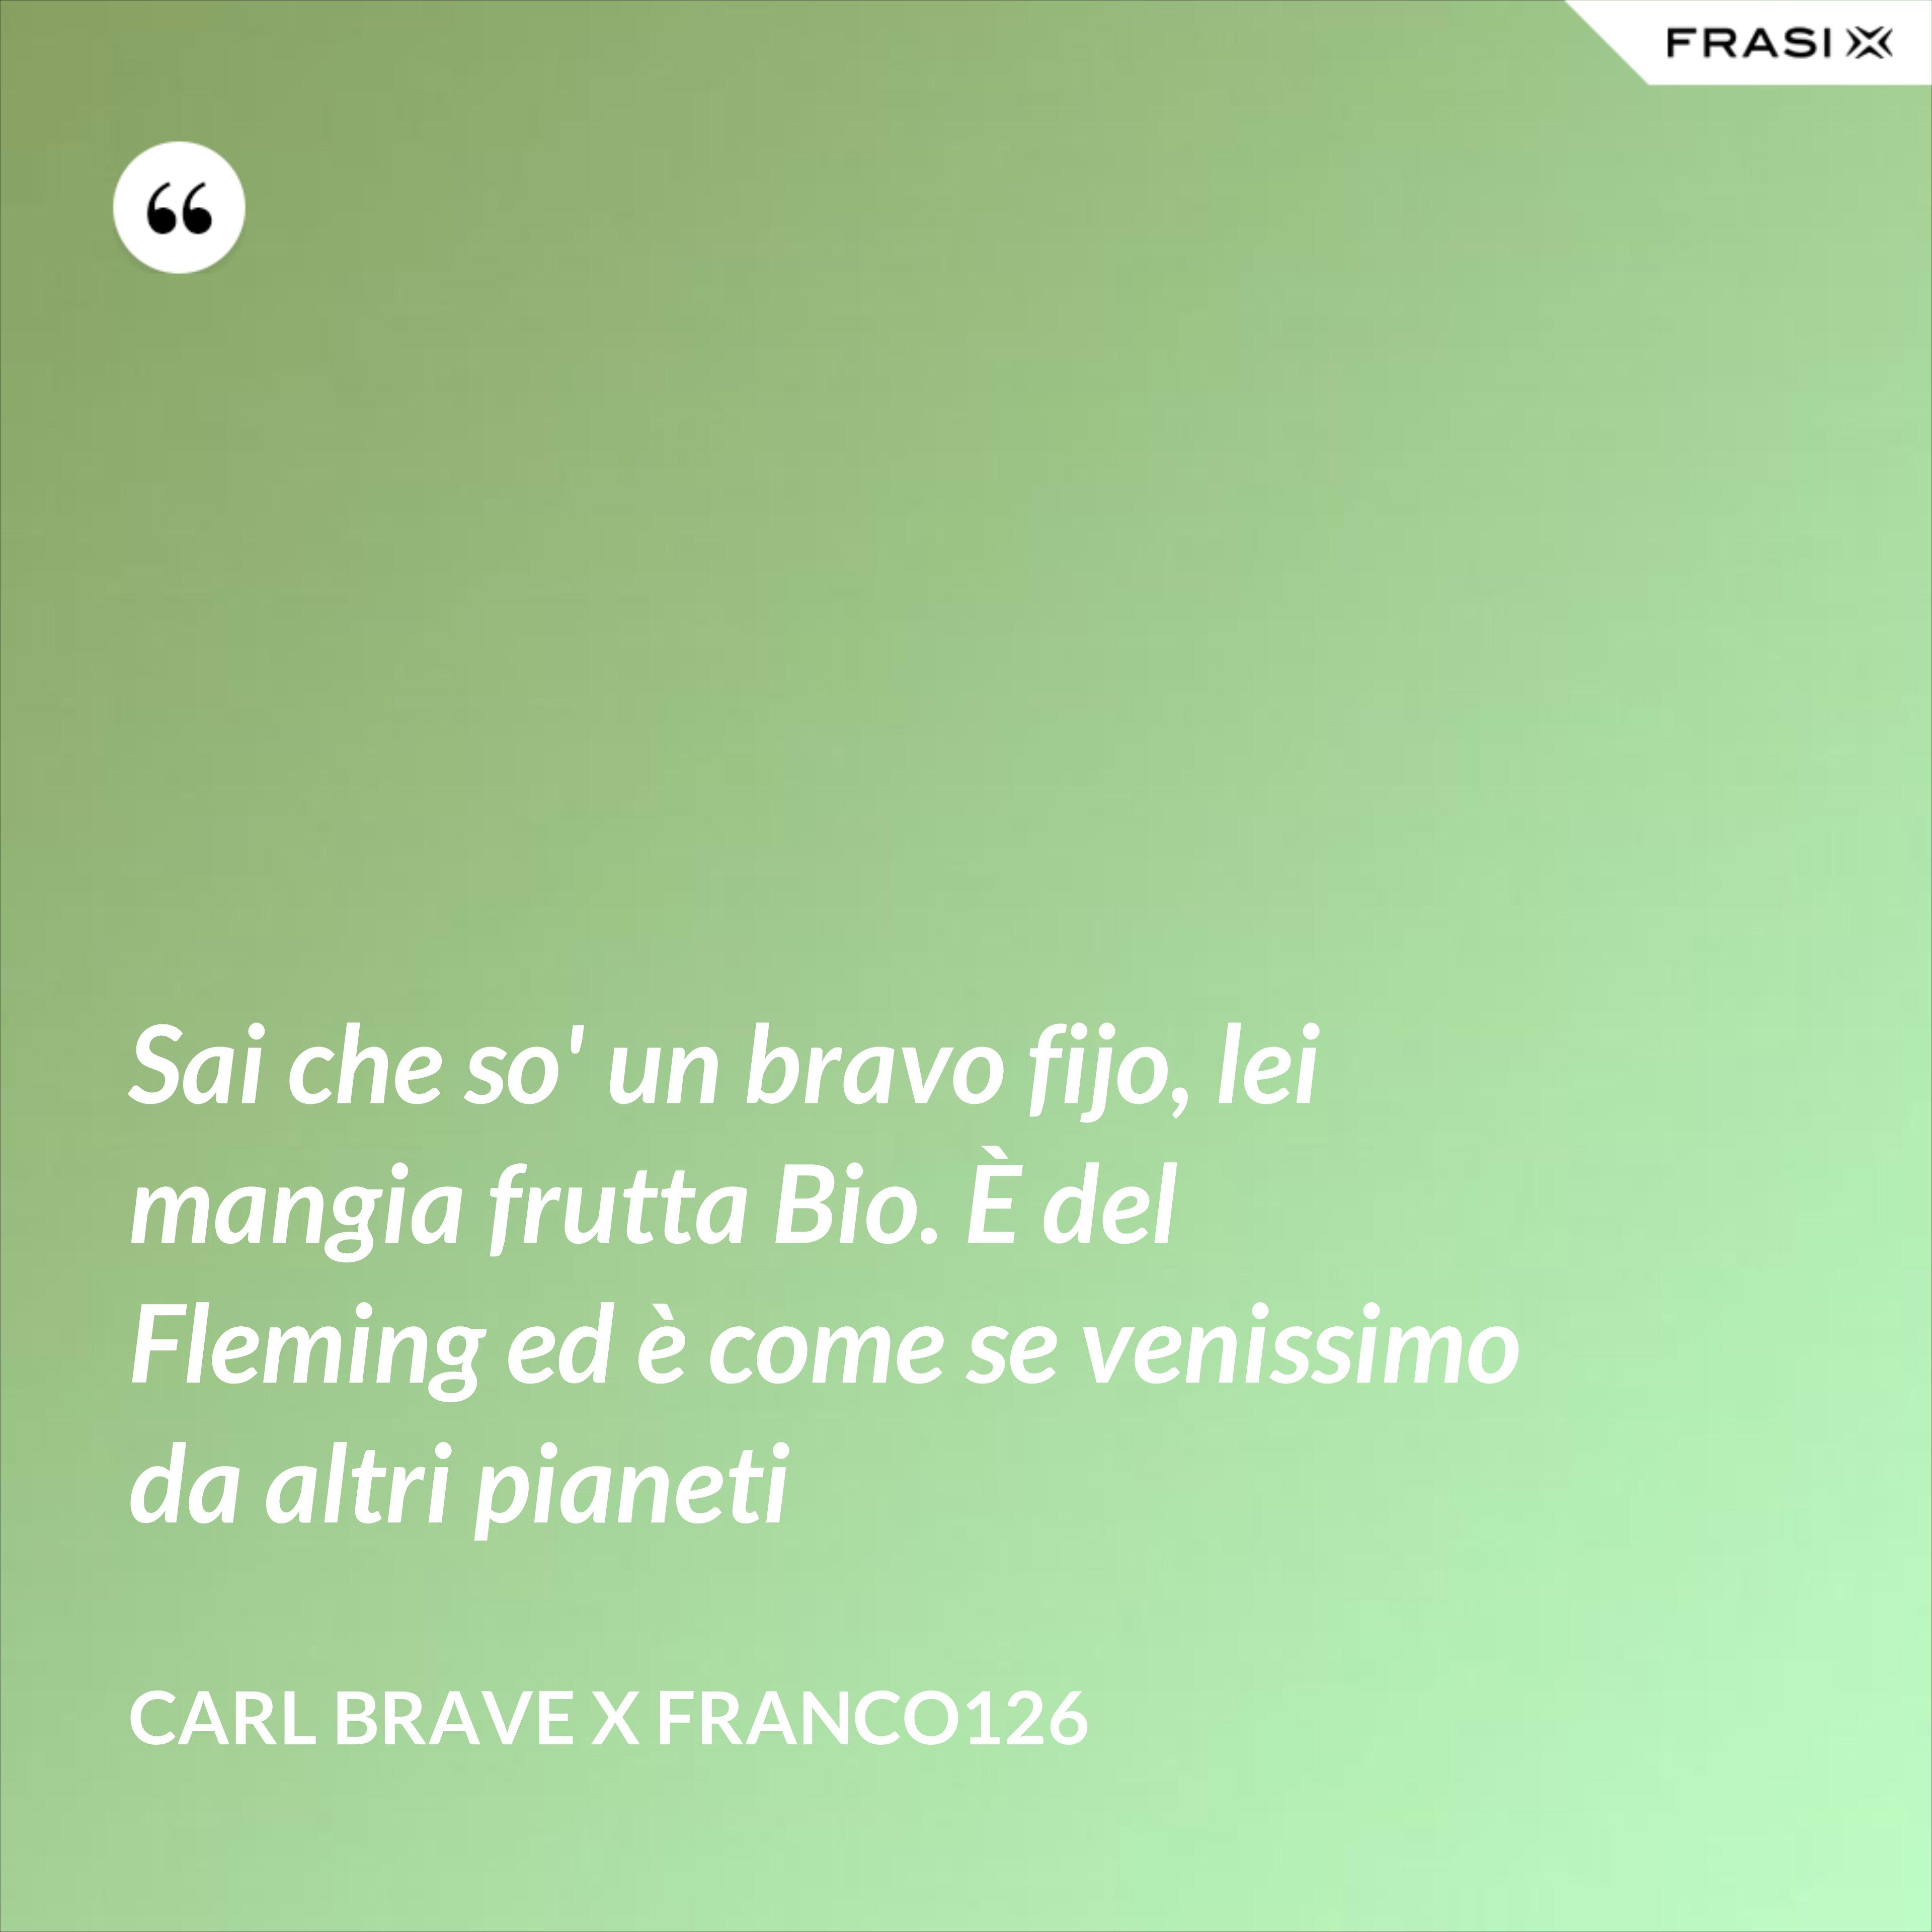 Sai che so' un bravo fijo, lei mangia frutta Bio. È del Fleming ed è come se venissimo da altri pianeti - Carl Brave X Franco126